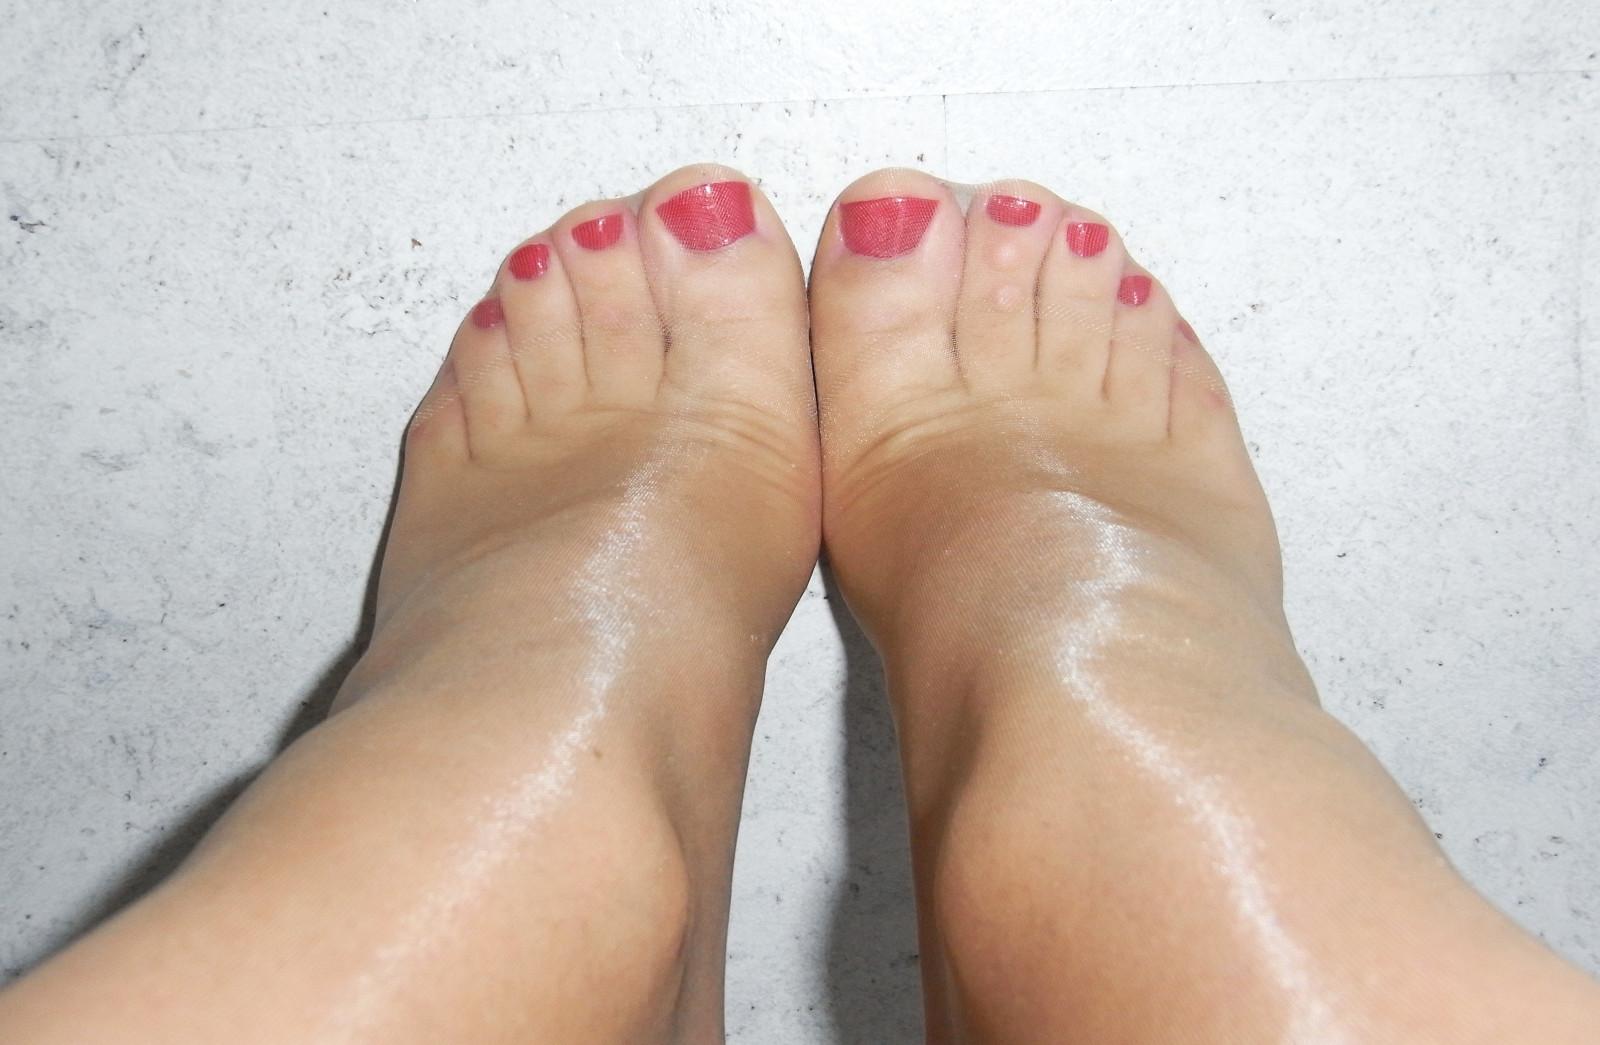 Пальчики на ногах в чулках видео двое ебут